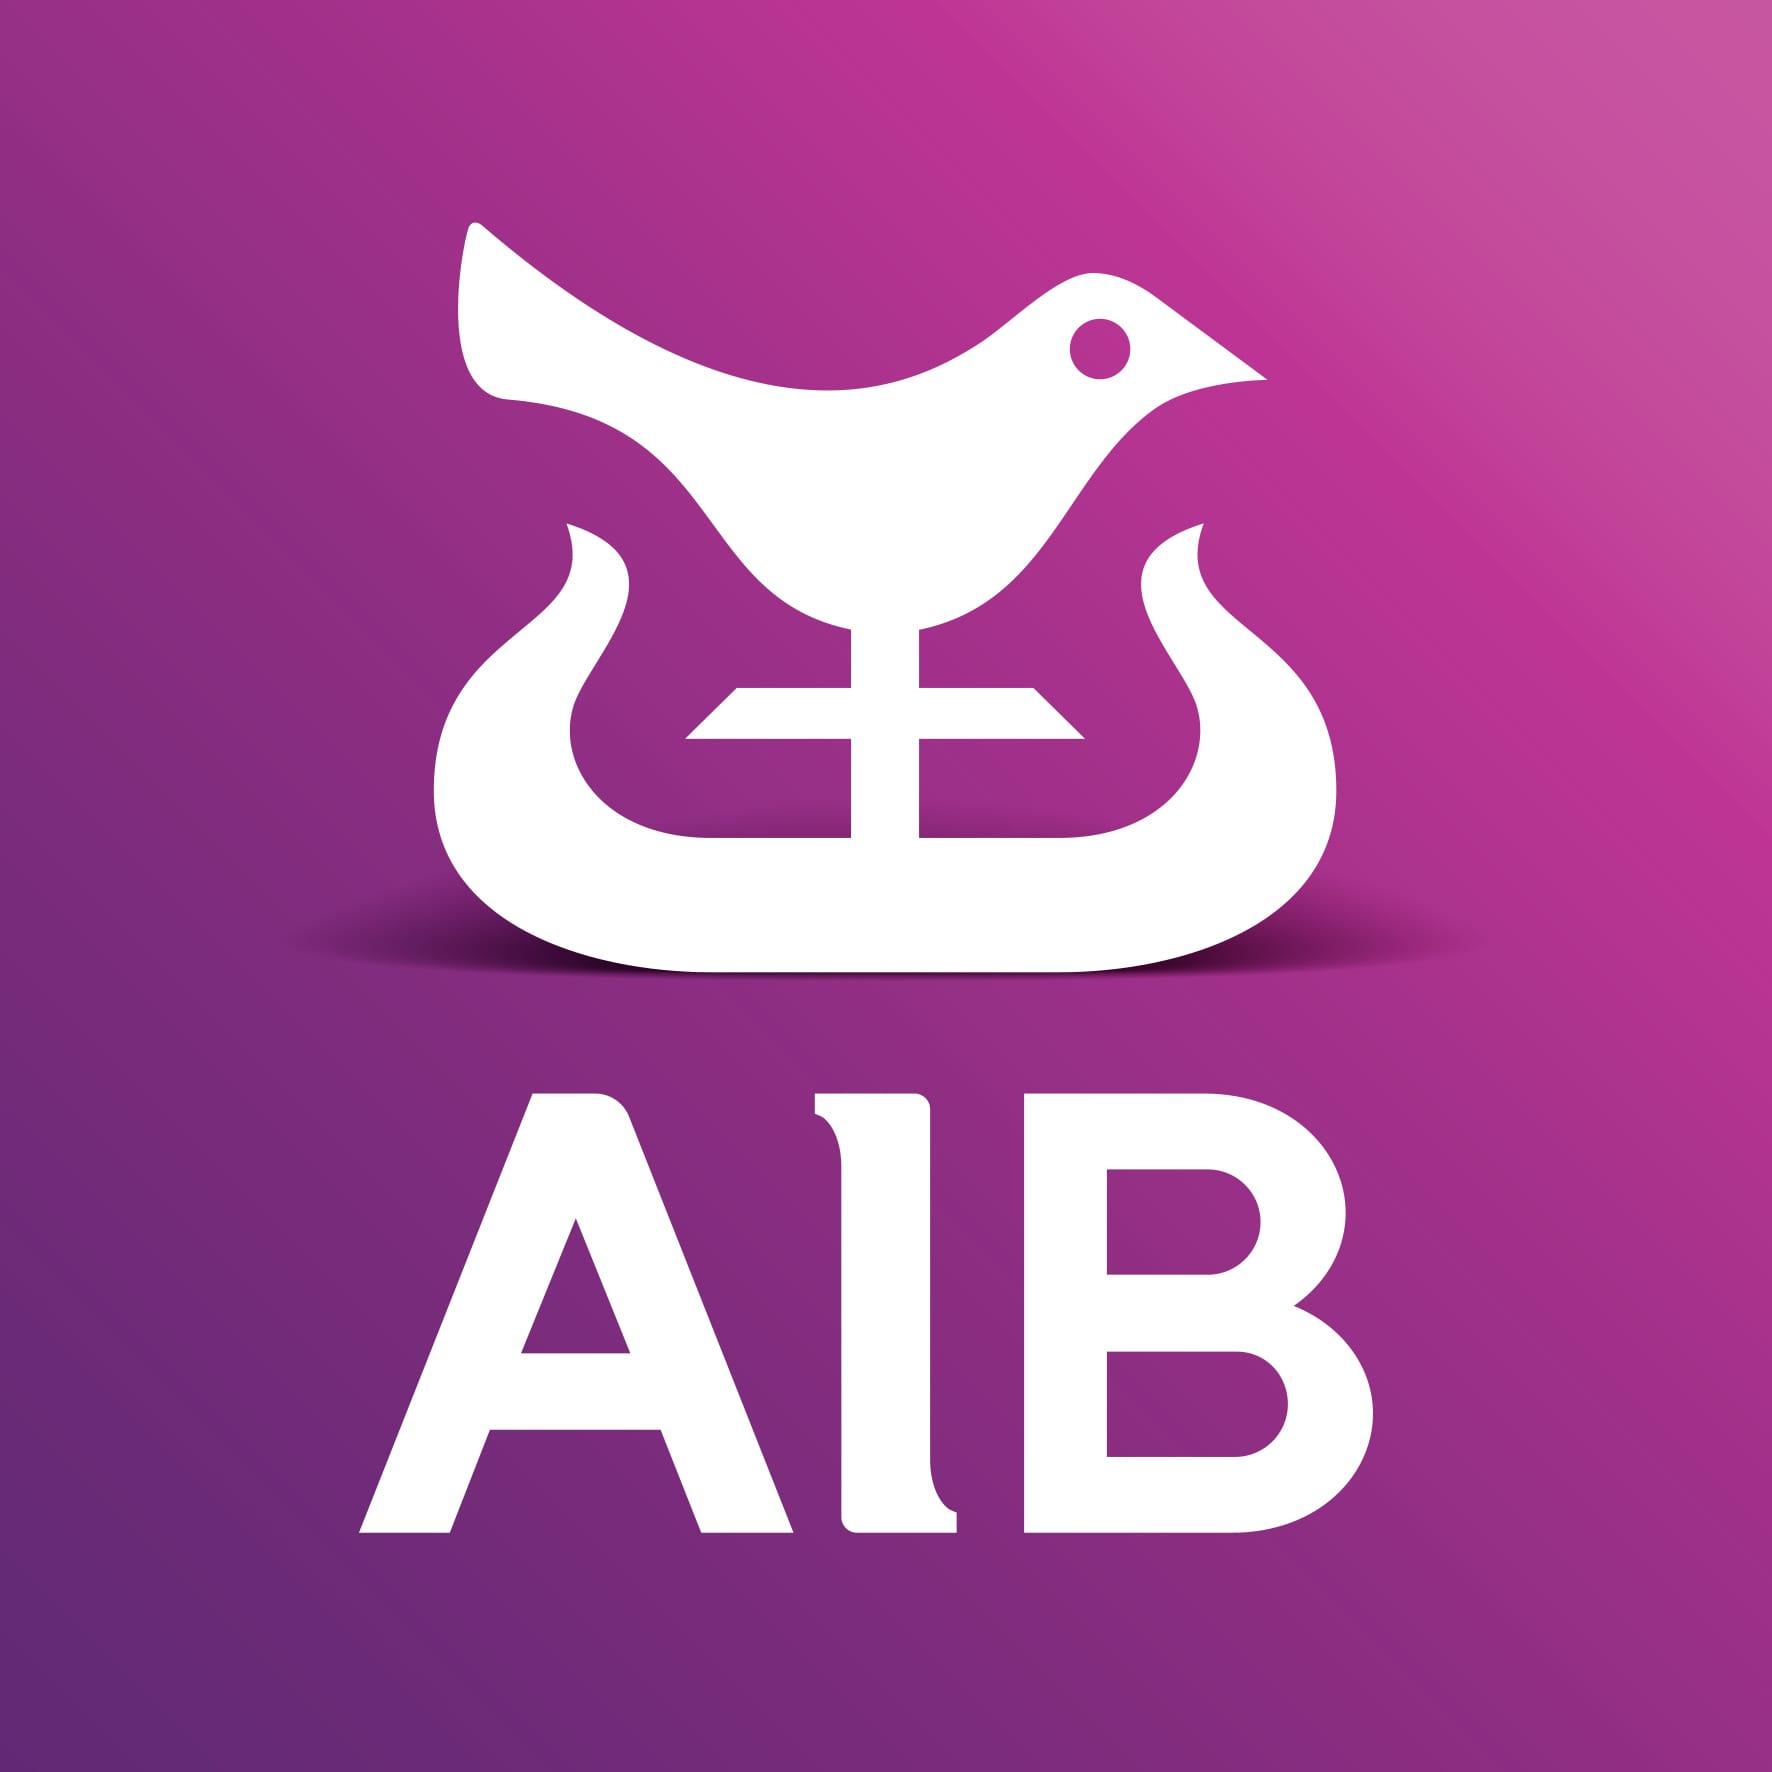 aib-eu-trademark-application-aib